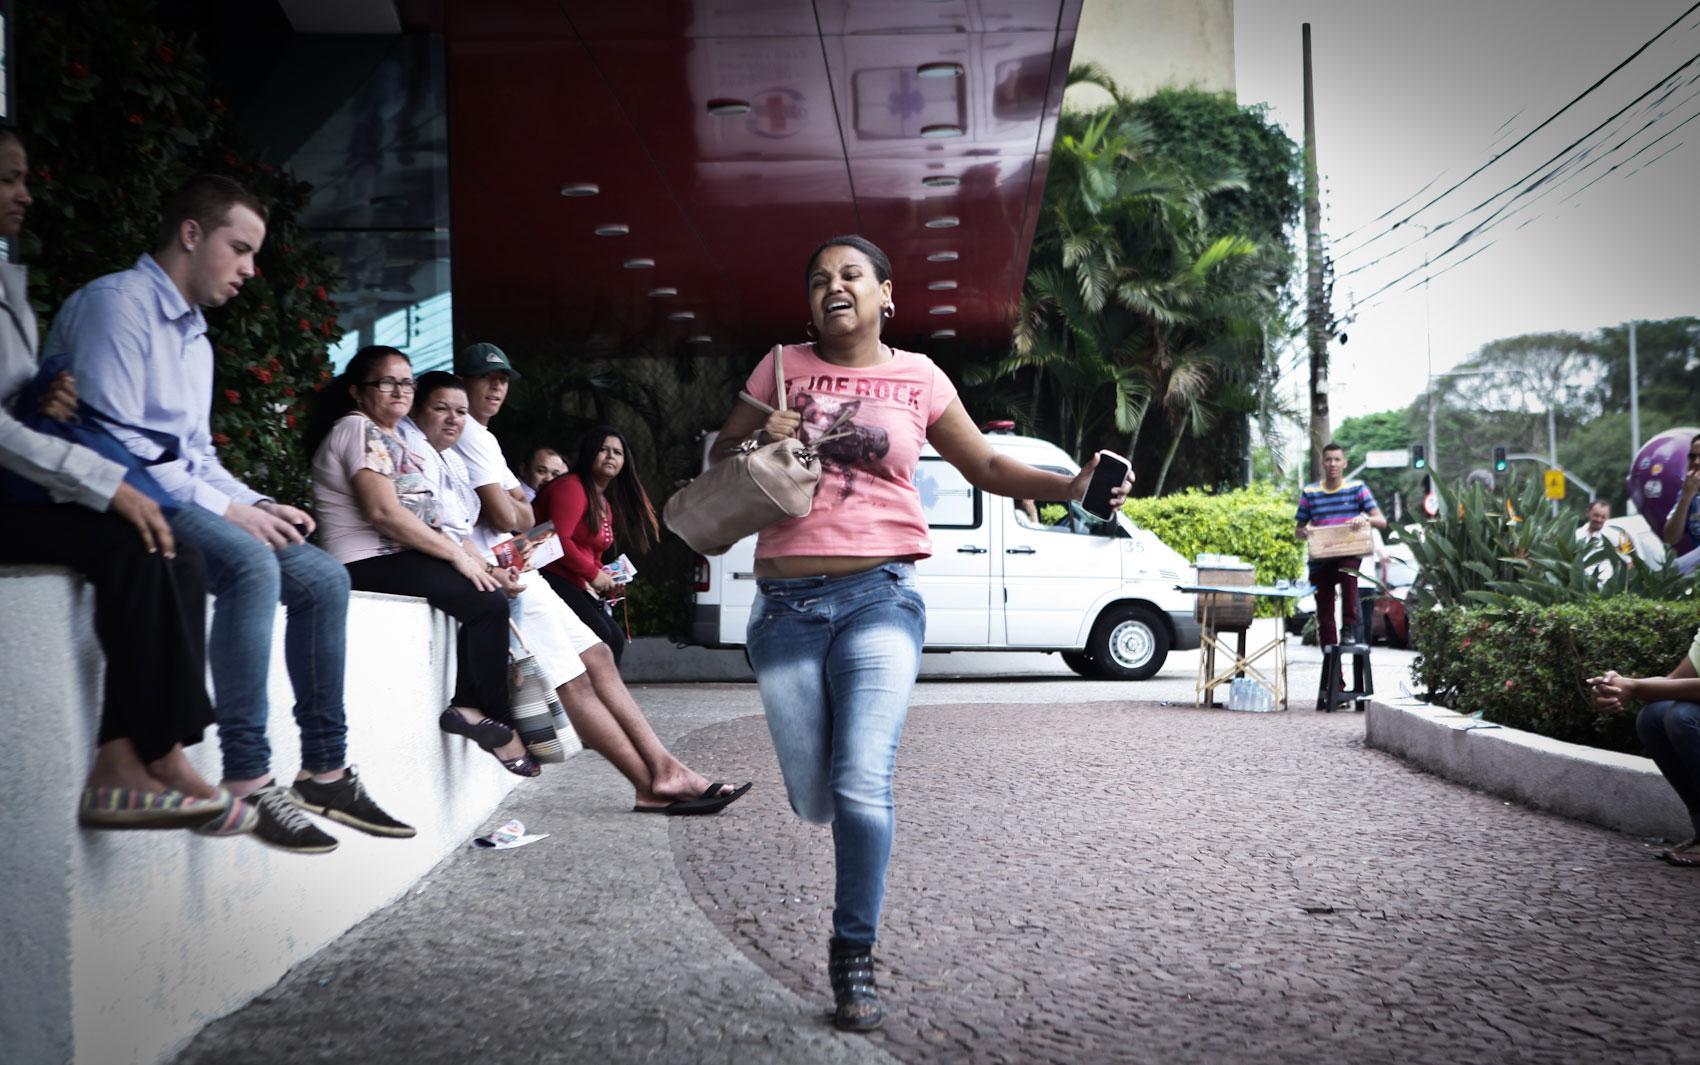 DOMINGO (9) - São Paulo (SP) - A estoquista Joyce da Silva corre mas não chega a tempo de entrar para o Enem